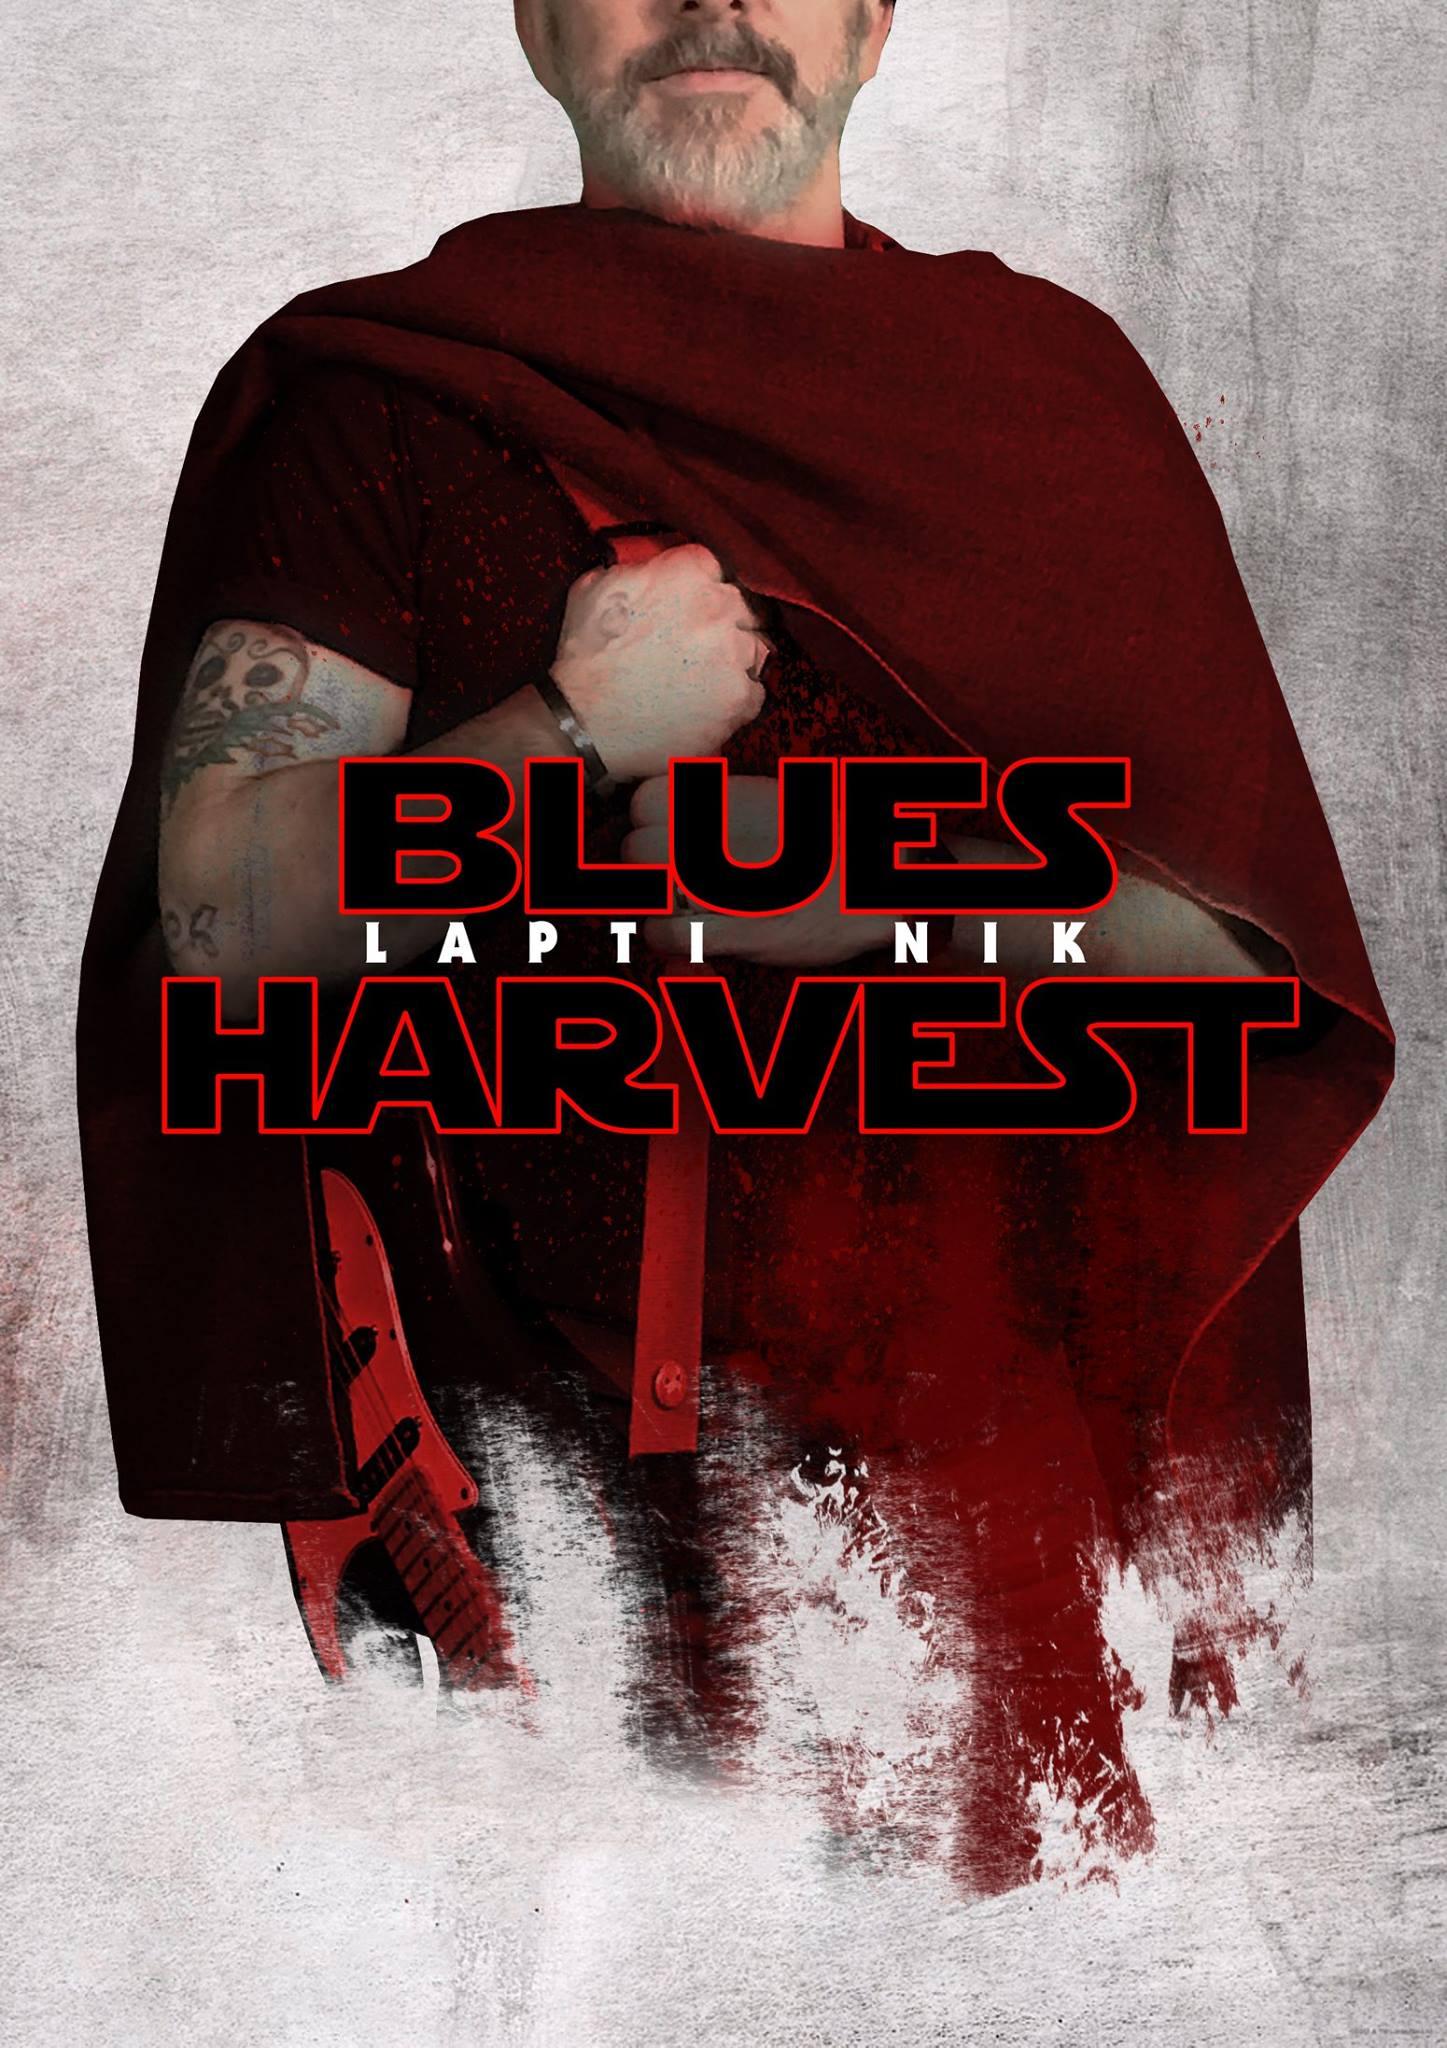 lapti-nik-blues-harvest-the-last-jedi-character-posters